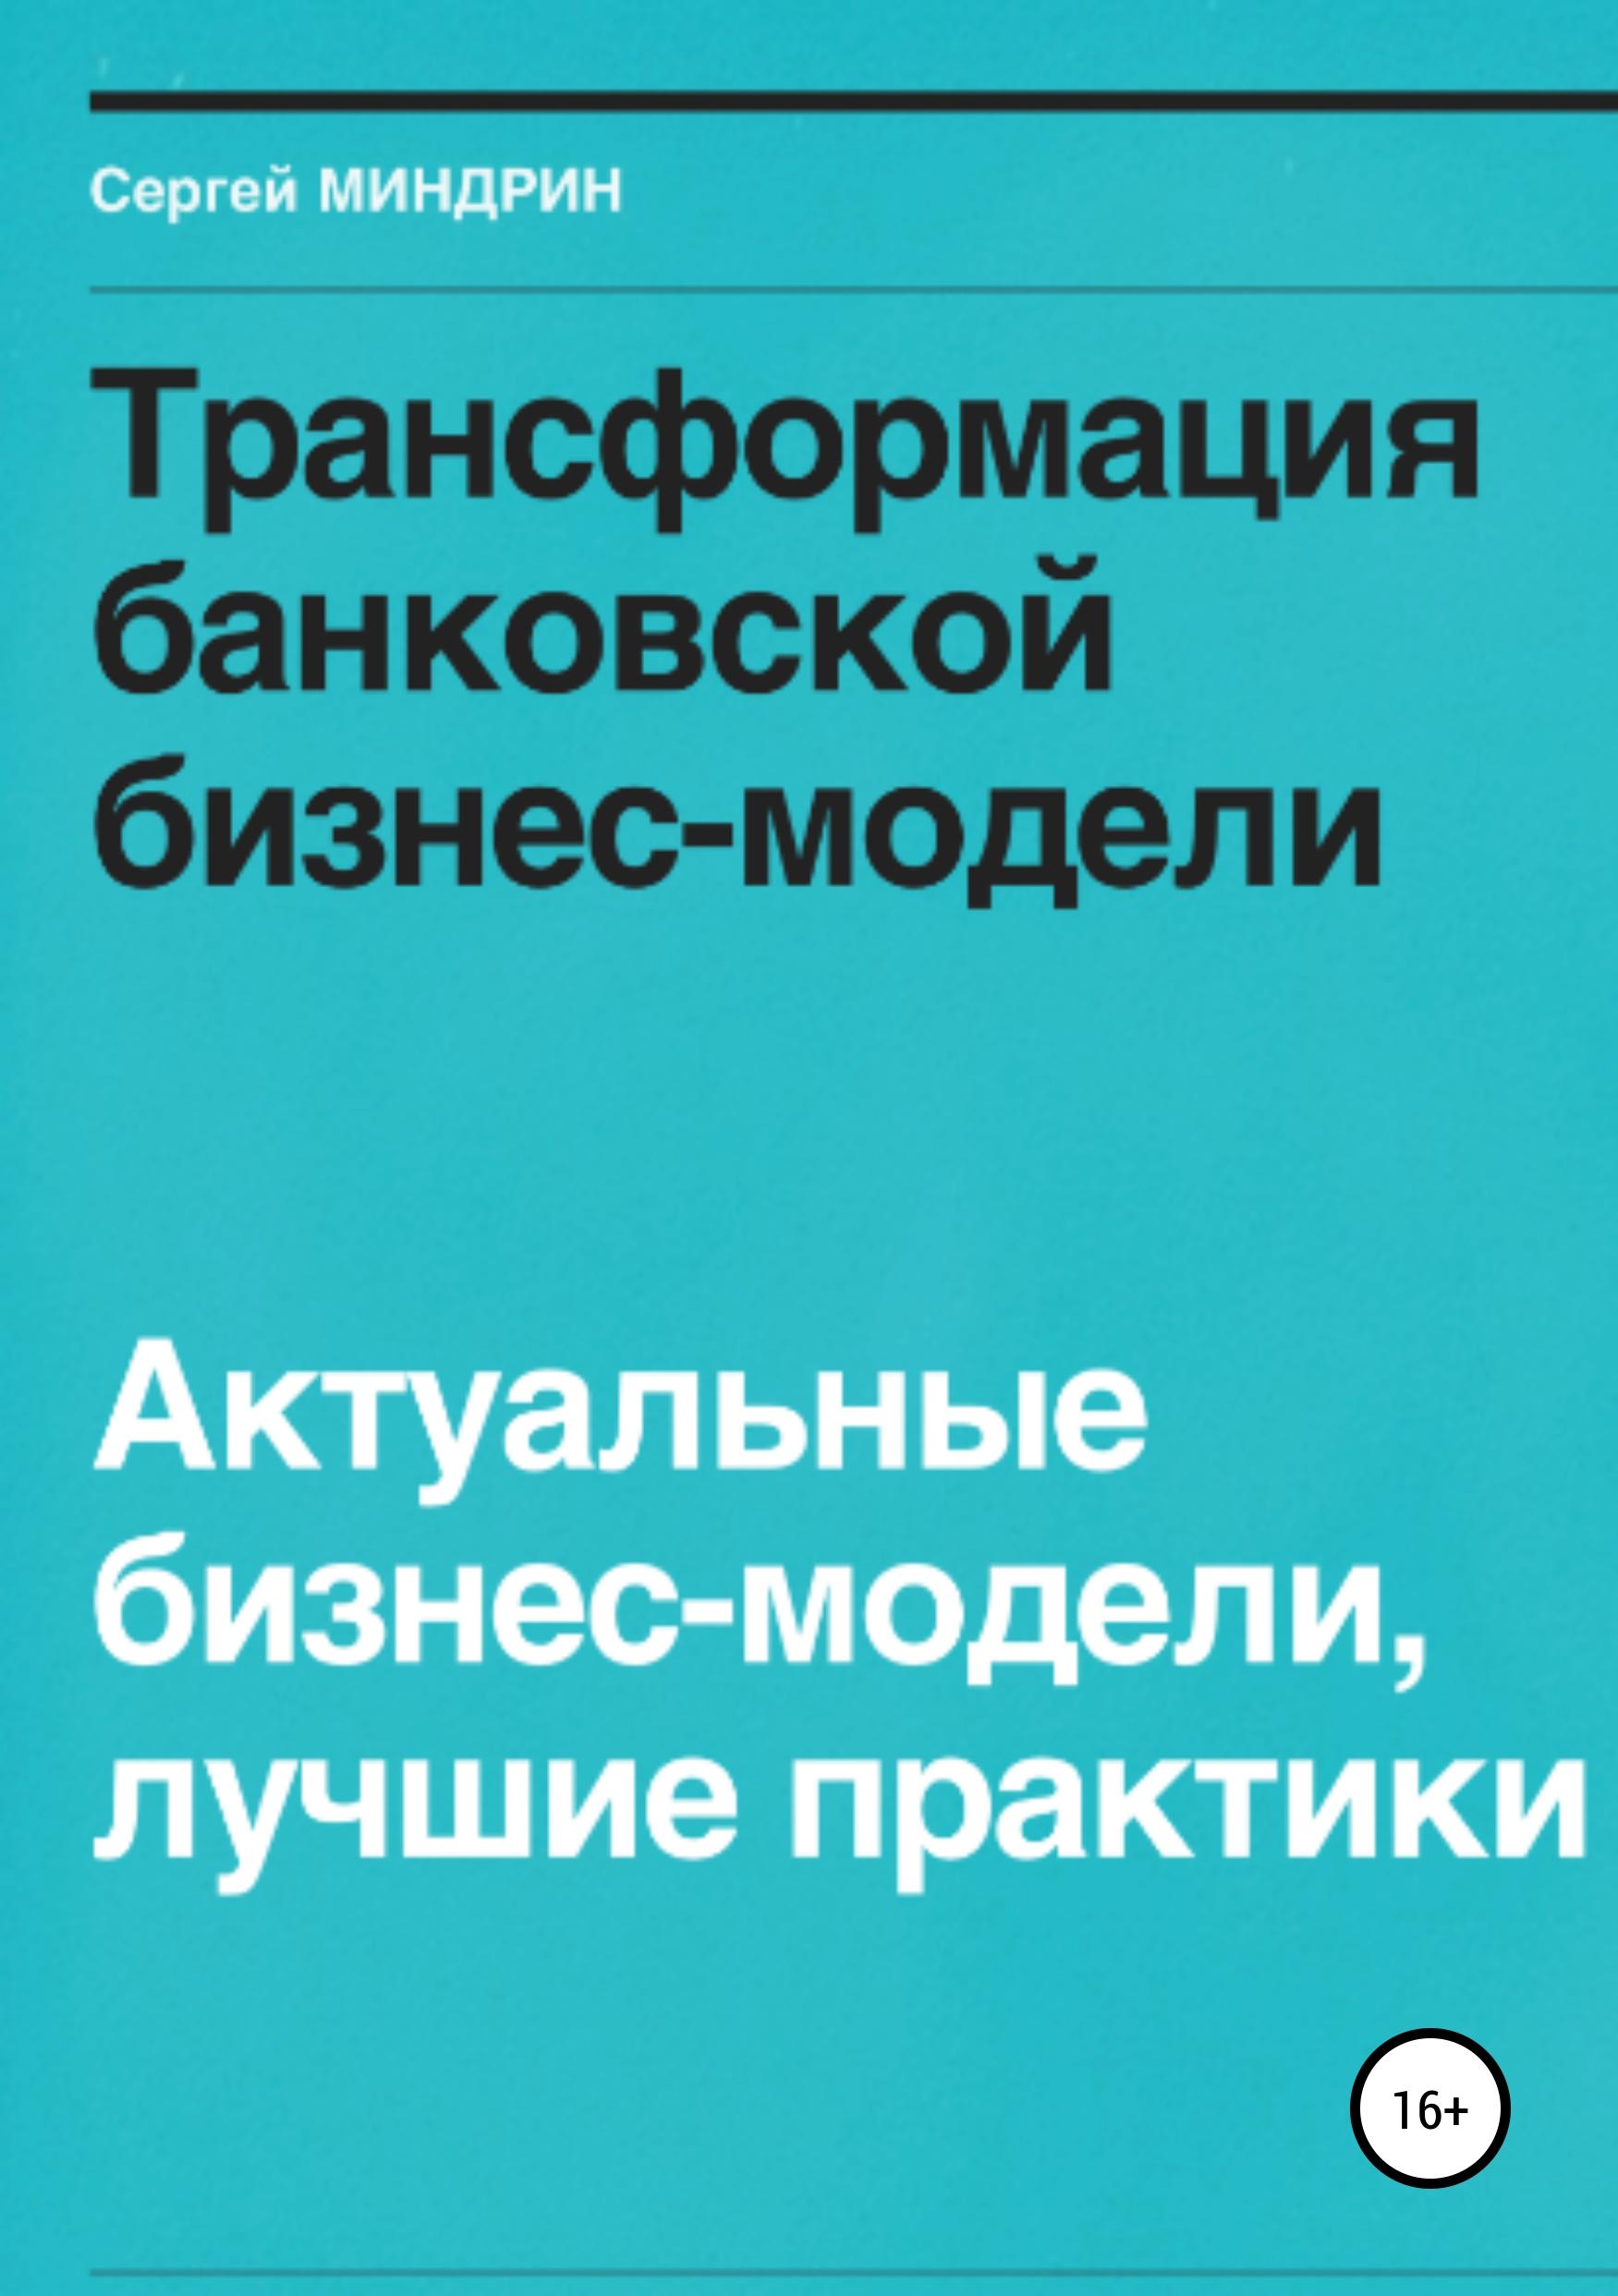 Сергей Иванович Миндрин Трансформация банковской бизнес-модели. Актуальные бизнес-модели, лучшие практики